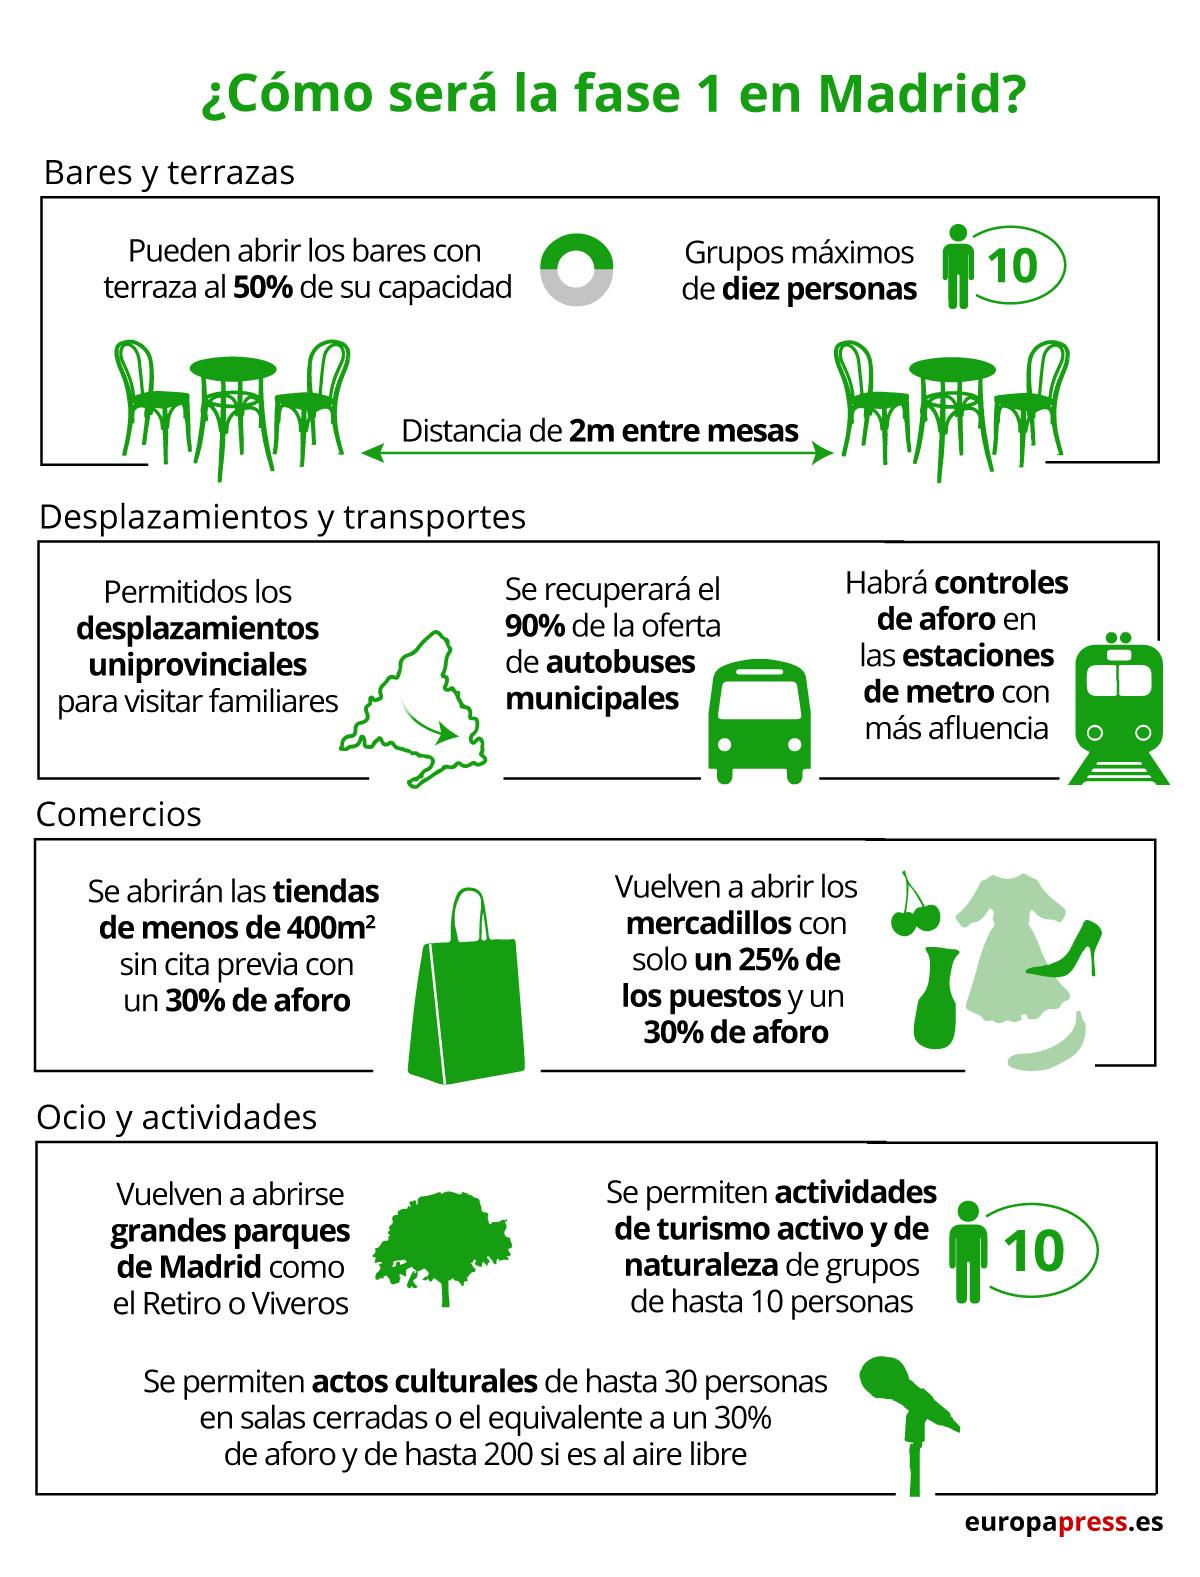 Infografía con lo que se podrá hacer en la Comunidad de Madrid en la fase 1